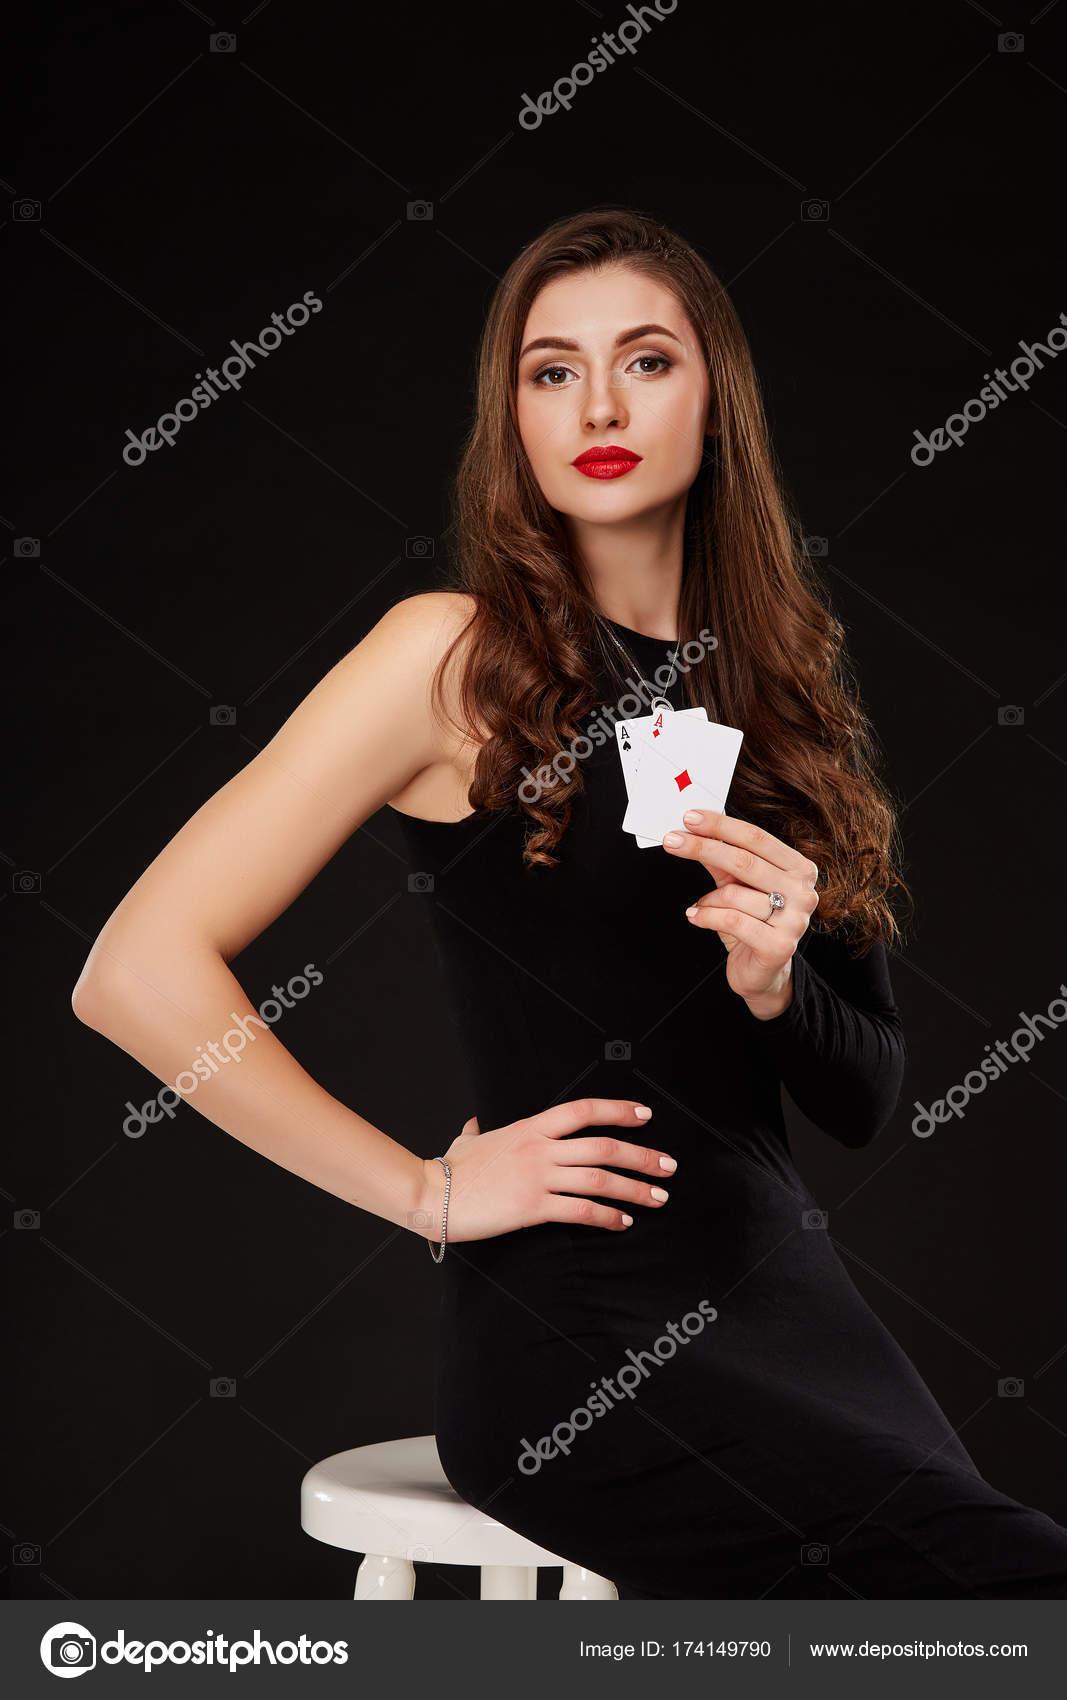 Девушка в черной комбинации фото